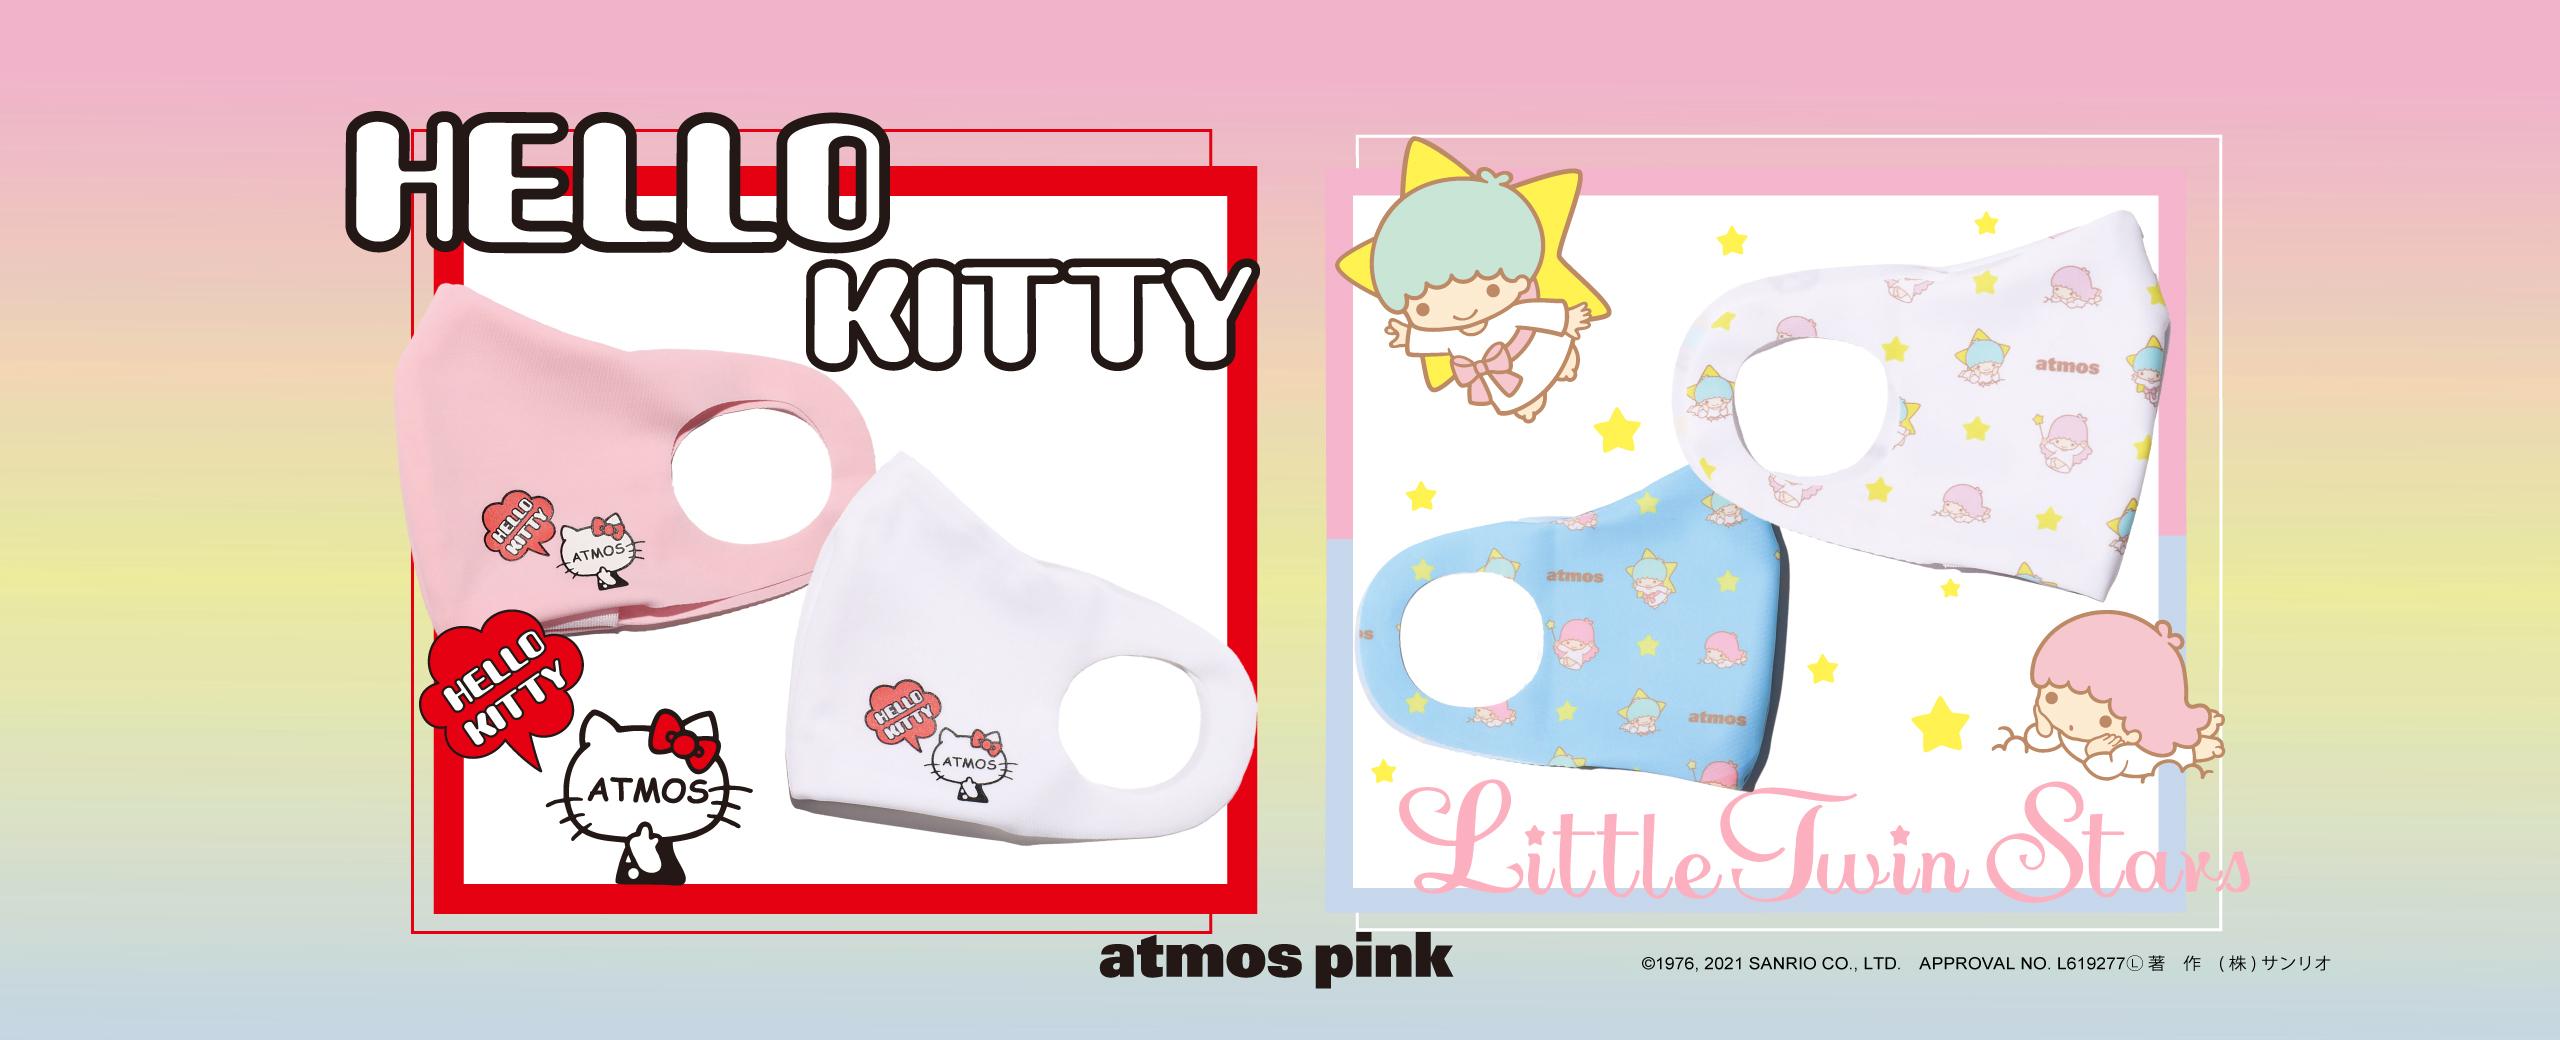 「サンリオ」×「atmos pink」キティ&キキララの4wayストレッチマスク登場!女性が嬉しい小さめサイズ